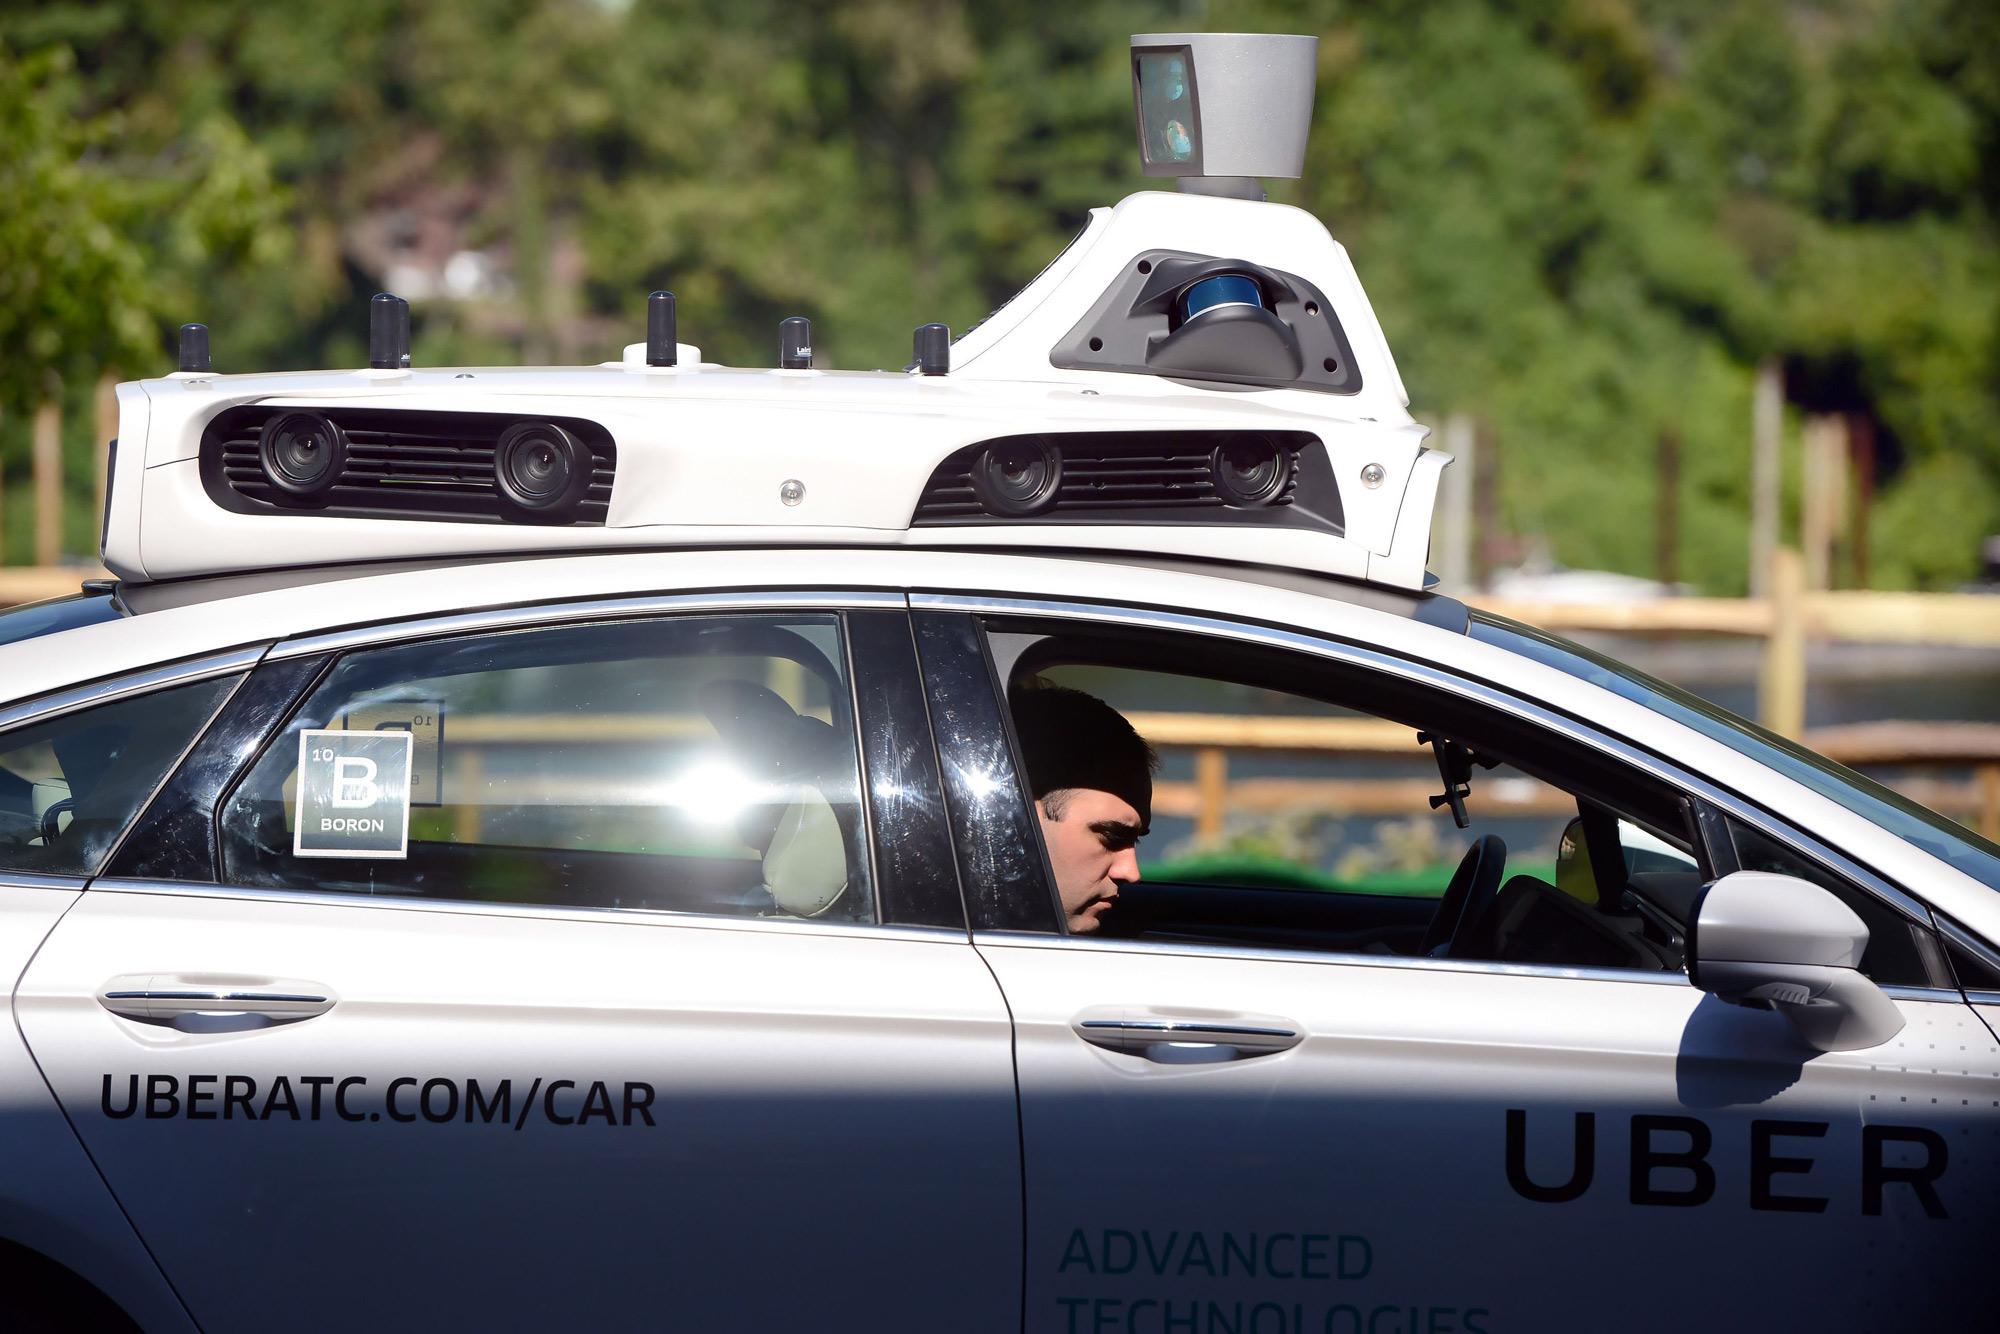 uber ford fusion autonomous details